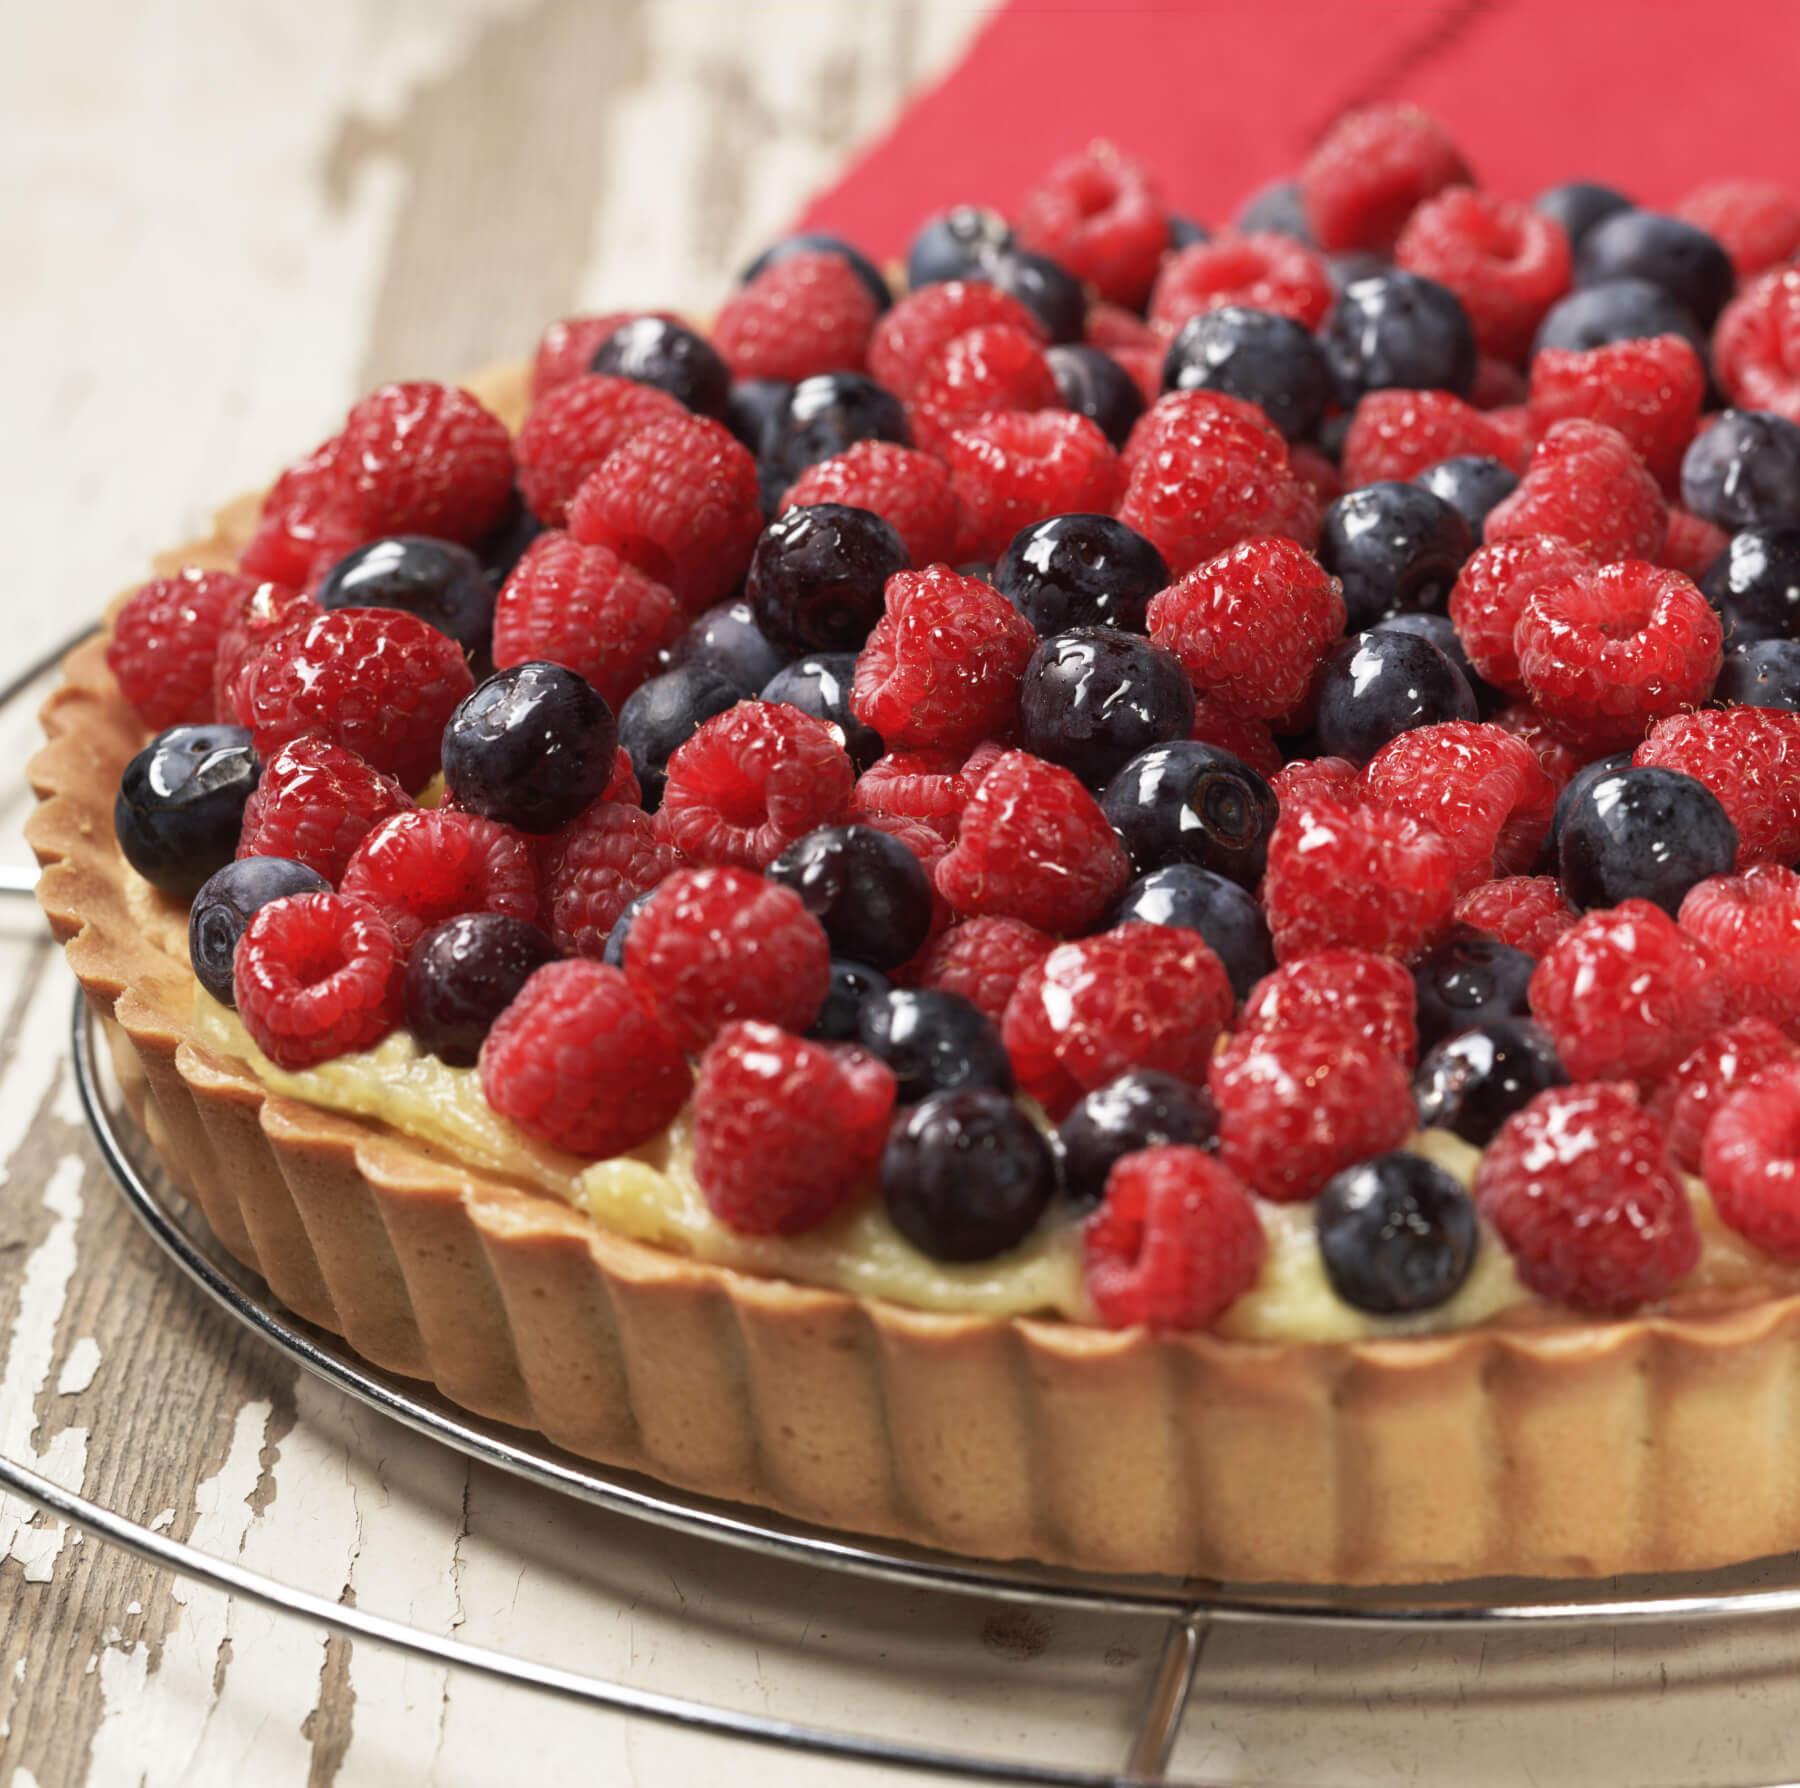 http://www.nielsenmassey.com/consumer/recipes/3/Berry-Almond-Tart/